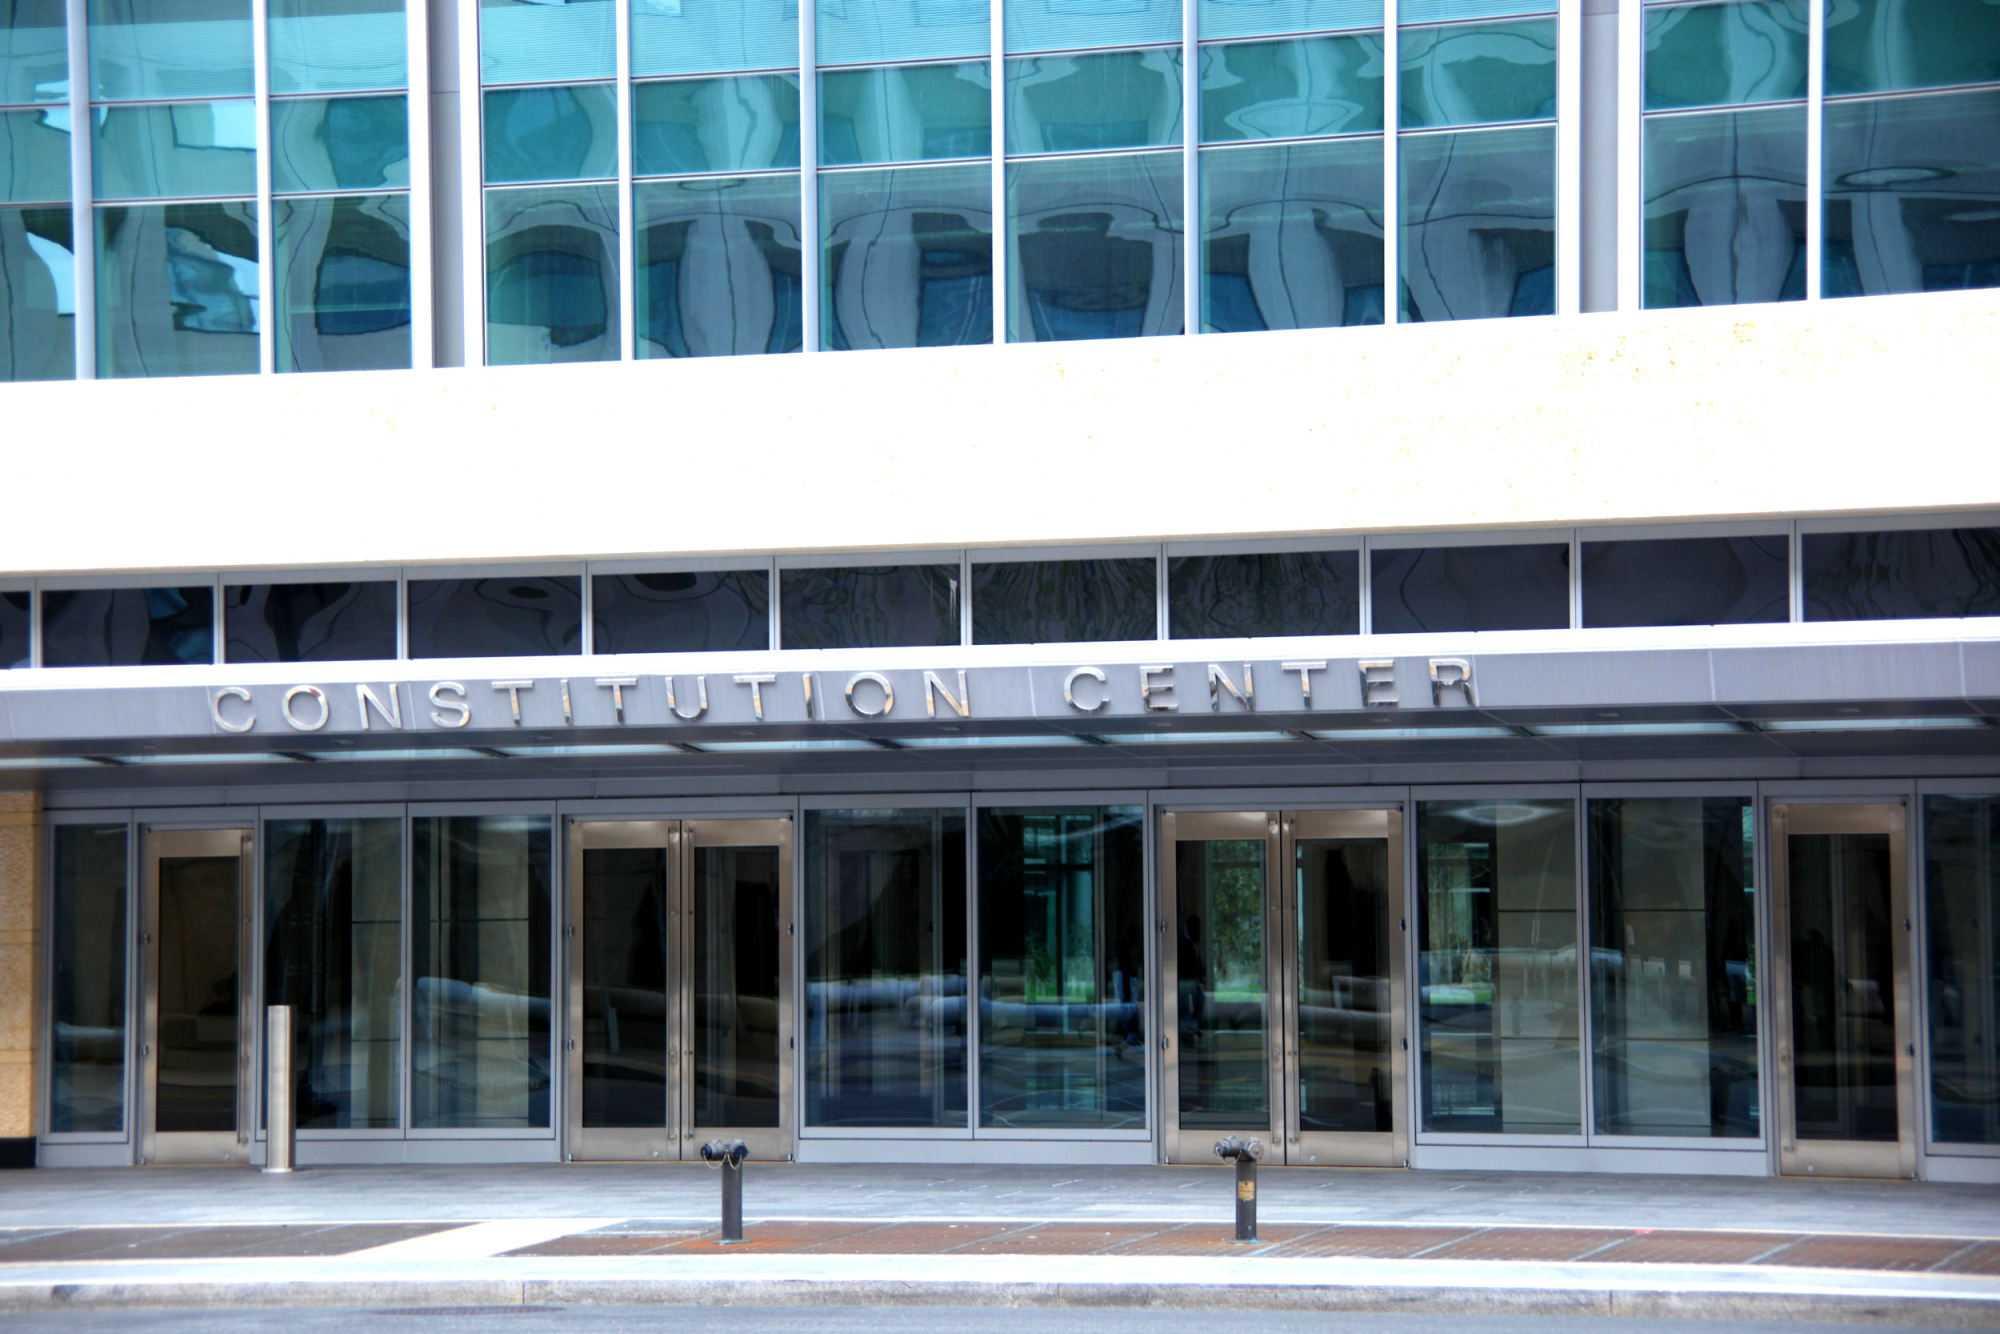 Eingang zu Glaspalast mit Aufschrift Constitution Center